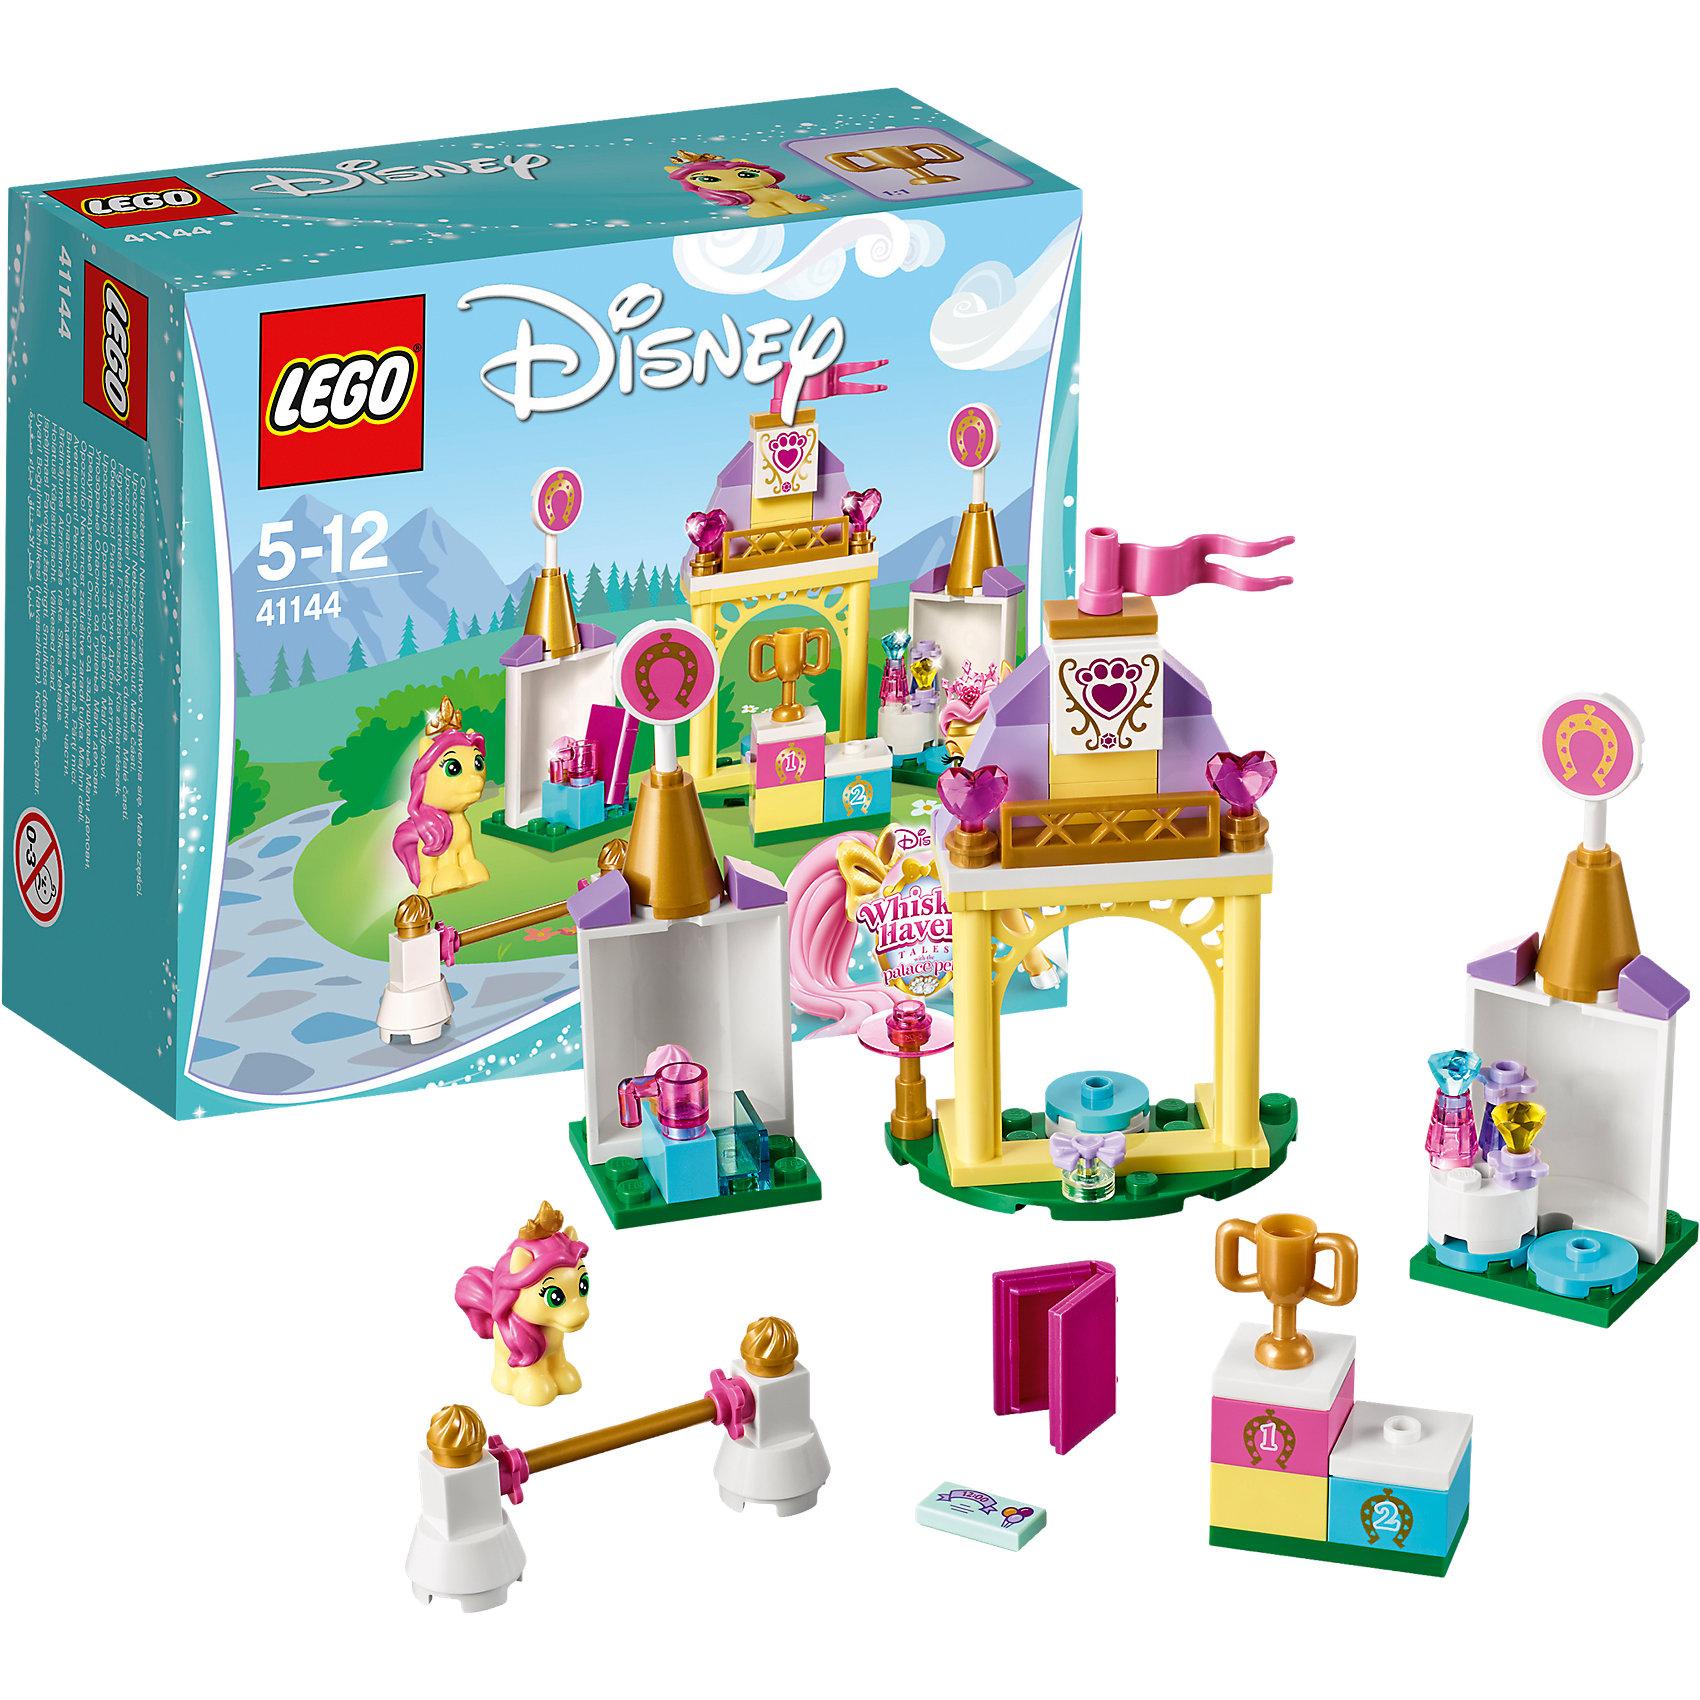 LEGO Disney Princesses 41144: Королевская конюшня НевеличкиLEGO Disney Princesses 41144: Королевская конюшня Невелички<br><br>Характеристики:<br><br>- в набор входит: детали для конюшни, фигурка Невелички, аксессуары, красочная инструкция<br>- состав: пластик<br>- количество деталей: 75<br>- размер упаковки: 12 * 5 * 9 см.<br>- размер собранной конюшни: 13 * 3 * 10 см.<br>- для детей в возрасте: от 5 до 12 лет<br>- Страна производитель: Дания/Китай/Чехия<br><br>Легендарный конструктор LEGO (ЛЕГО) представляет серию «Disney Princesses» (Принцессы Диснея) в которую входят наборы конструкторов о принцессах и героях из мультфильмов компании Дисней. С помощью конструкторов можно строить окружение любимых персонажей своими руками, а потом играть с ними. Любимая пони принцессы Бэлль по имени Невеличка готовится к королевским соревнованиям. Набор Королевская конюшня Невелички из цикла «Королевские питомцы» (Palace Pets) отлично отразил все необходимые составляющие для успешной тренировки пони. Специальная установка для прыжков поможет ей отточить свои навыки и получить первый приз – золотой кубок. Розовая лампа поможет Невеличке читать книгу о прыжках даже вечером. В набор так же входит стенд, где Невеличка может наряжаться, в комплект входит ее золотая тиара и бантик, которые можно менять. На столике расположены шампуни и духи с колпачками из драгоценных камней. Невеличка получила приглашение на чаепитие от своей подружки крольчонка Ягодки. Помогу Невеличке выиграть соревнования и собраться на праздник. С собой пони решила принести небольшое пирожное. Набор может быть соединен с другими наборами «Королевские питомцы» (Palace Pets). Играя с конструктором ребенок развивает моторику рук, воображение и логическое мышление, научится собирать по инструкции и создавать свои модели. Придумывайте новые истории любимых героев с набором LEGO «Disney Princesses»!<br><br>Конструктор LEGO Disney Princesses 41144: Королевская конюшня Невелички можно купить в нашем интернет-магазине.<br><